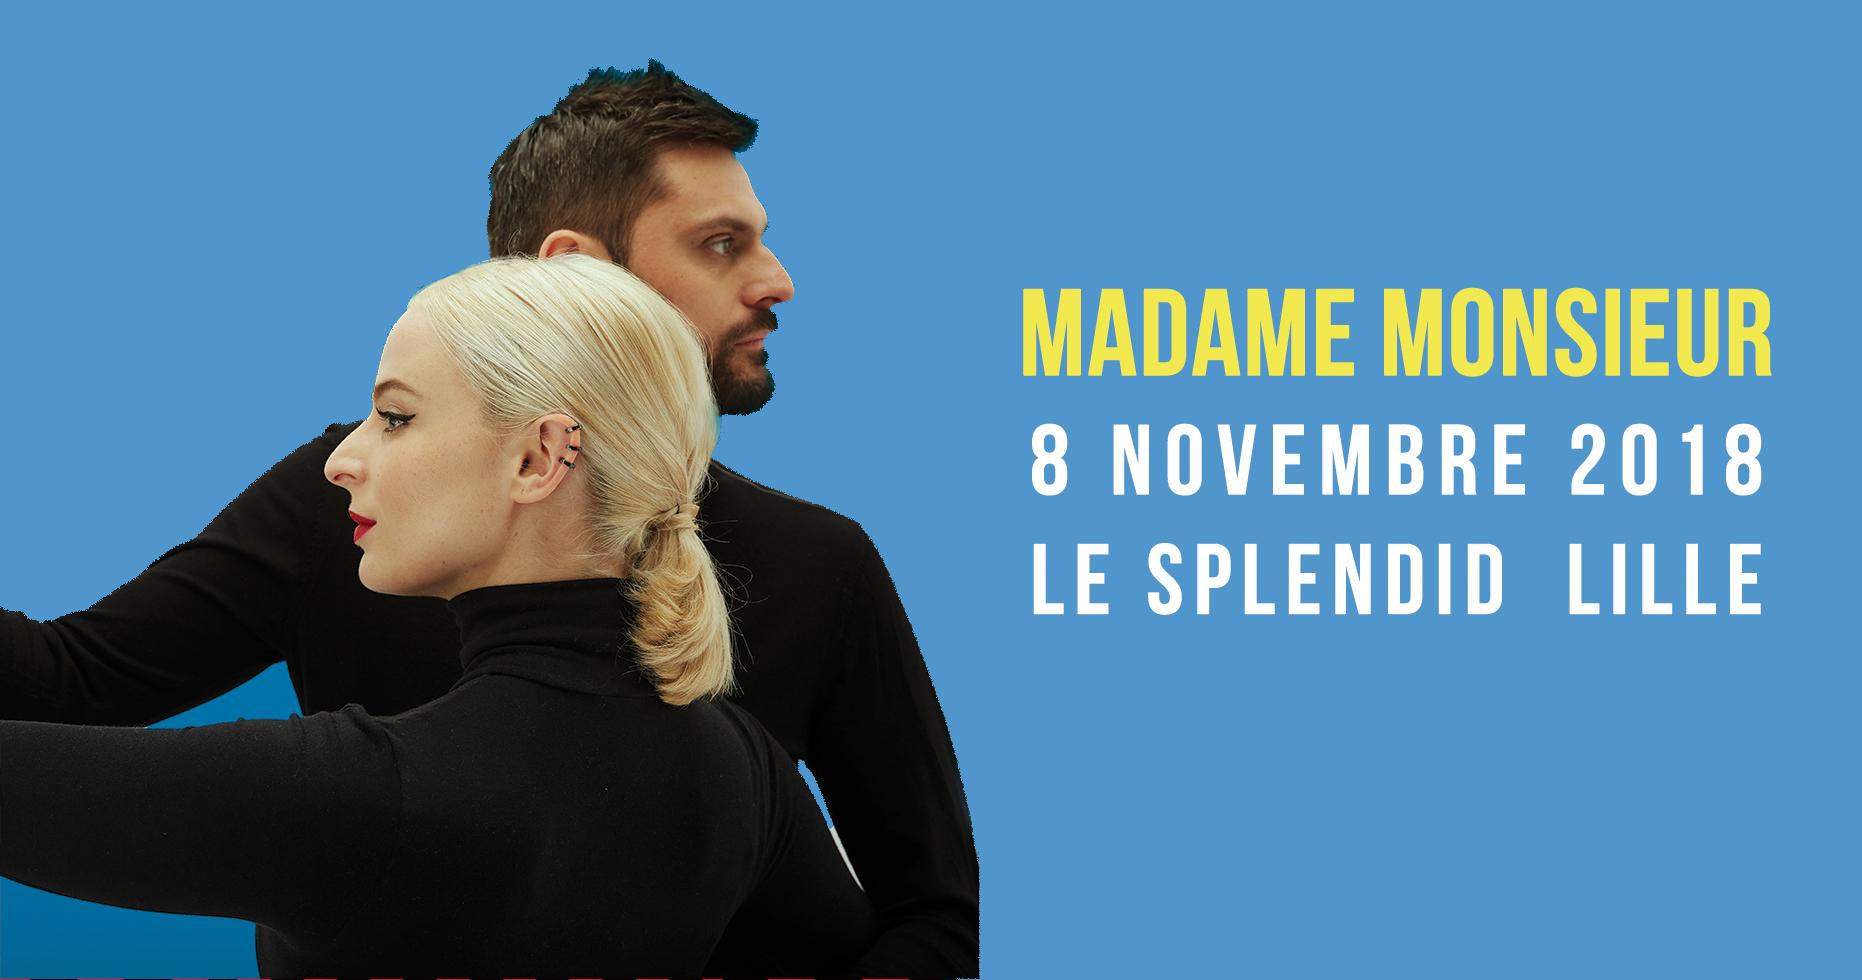 Madame Monsieur en concert au Splendid